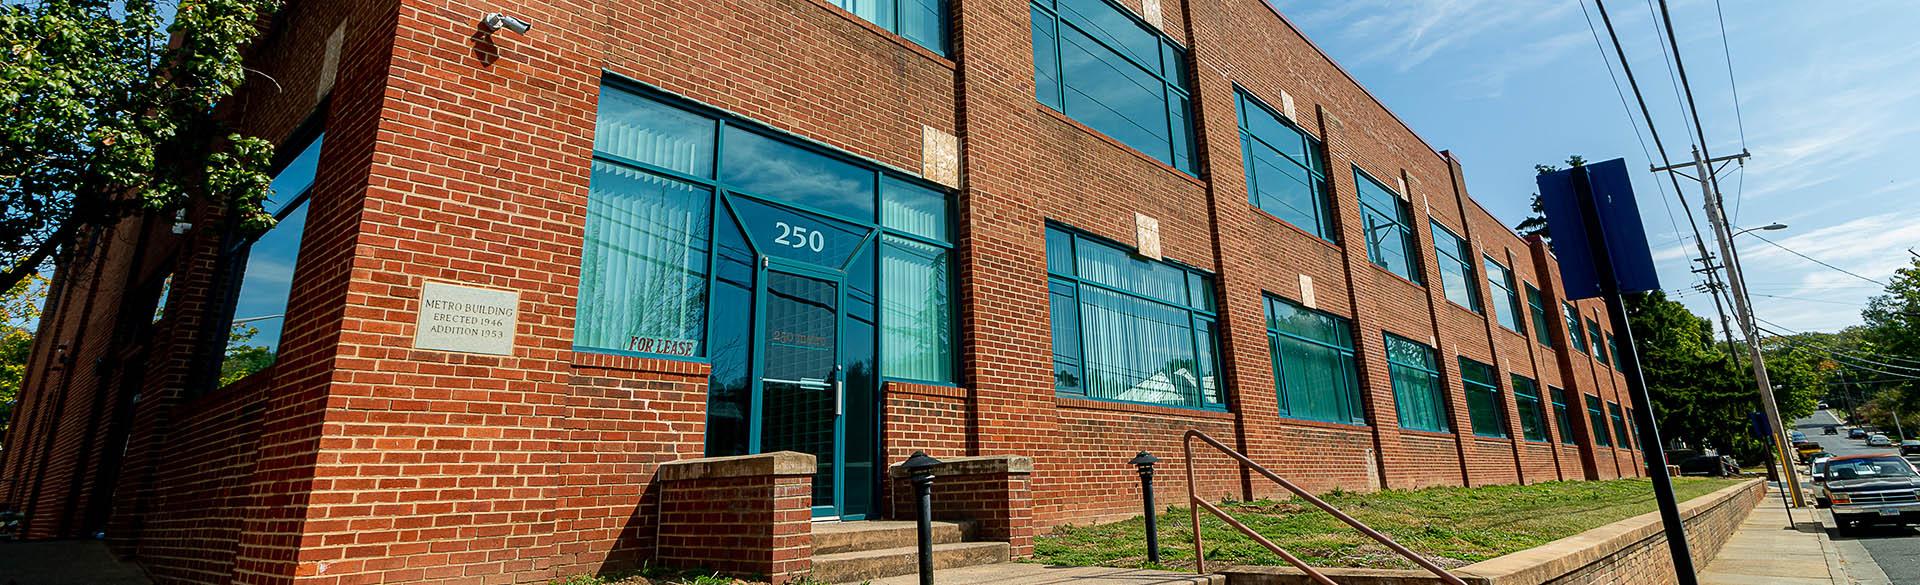 250 East Elizabeth Street, Suite 117